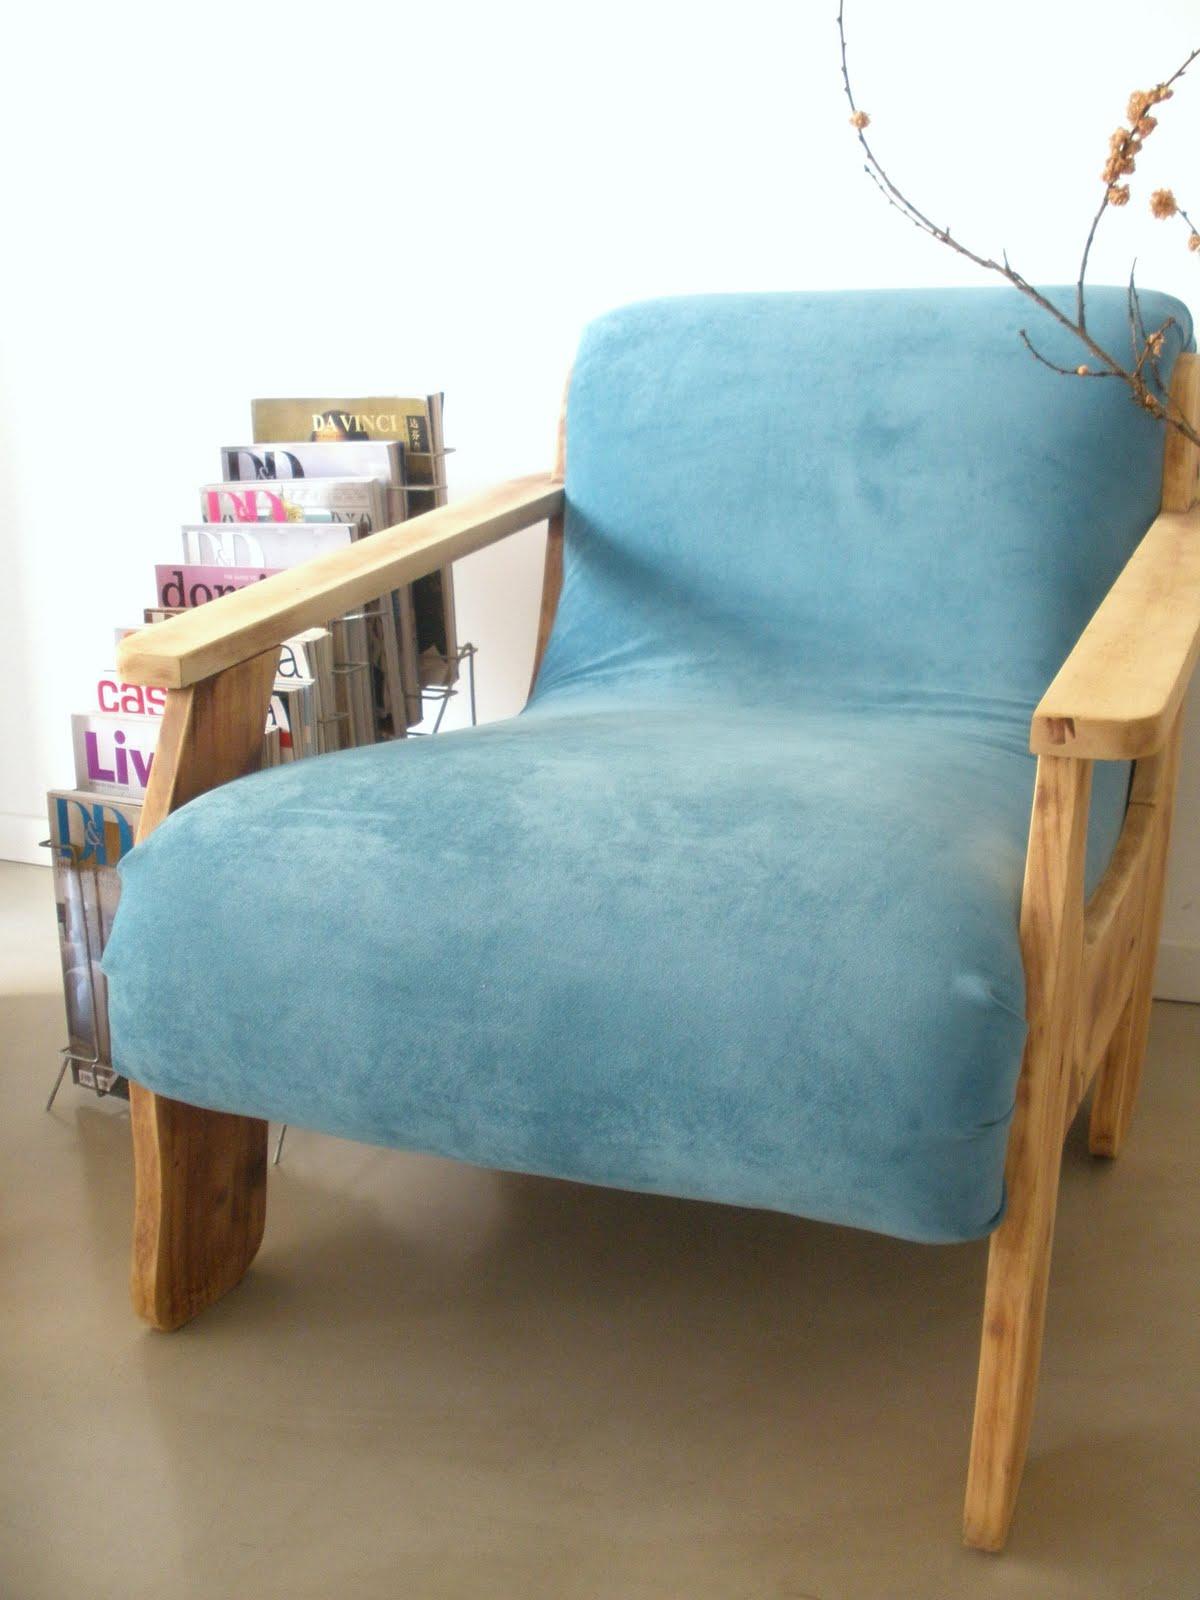 alma deco buenos aires trabajos a pedido tapizado. Black Bedroom Furniture Sets. Home Design Ideas